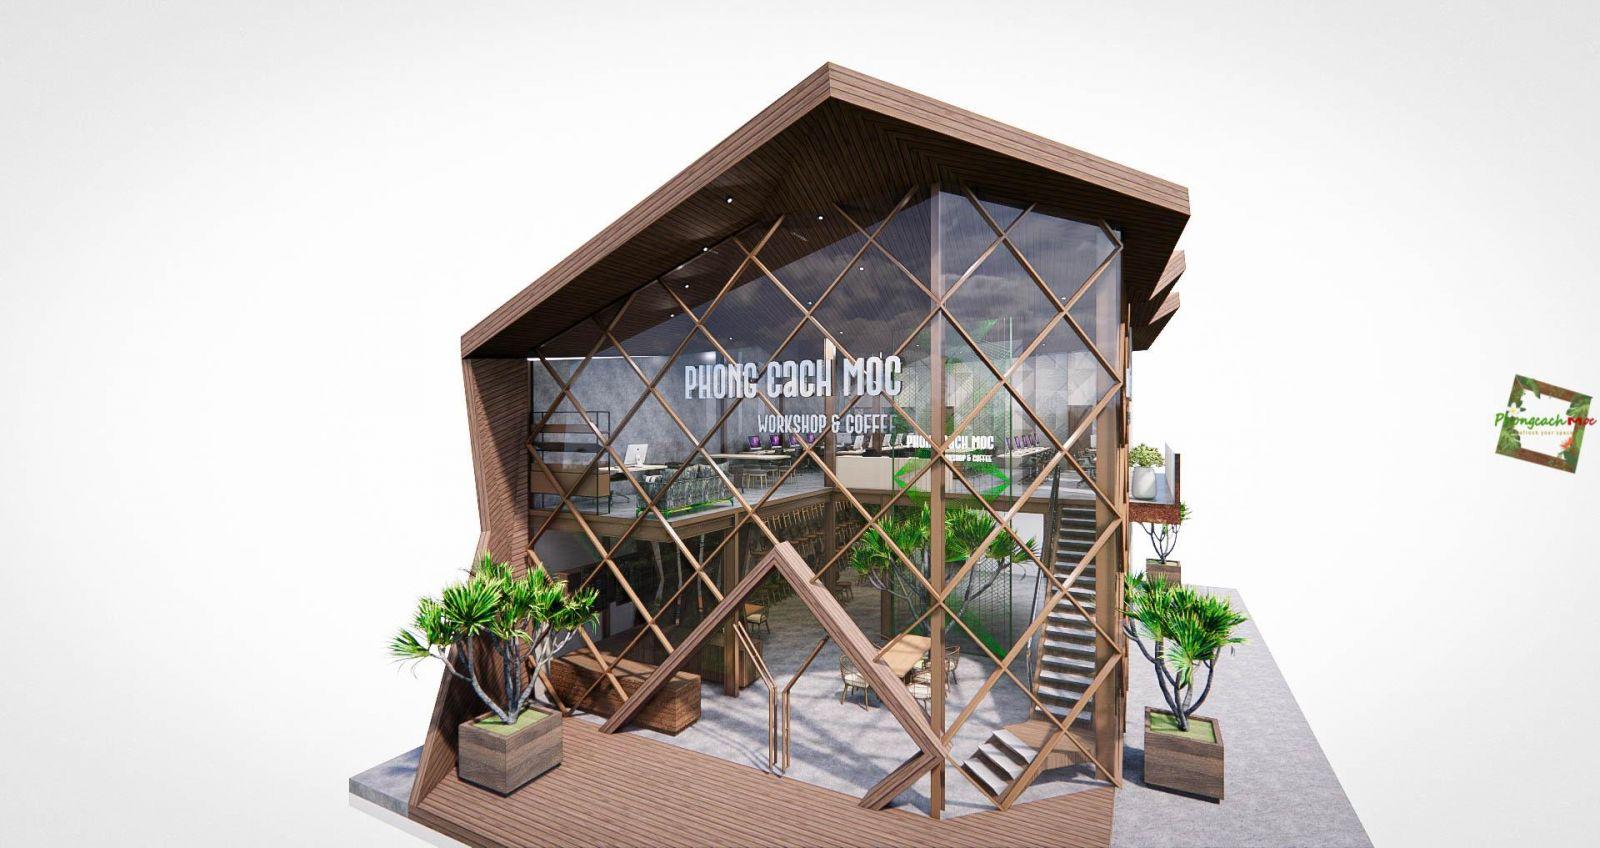 dự án pcm workshop thiết kế theo phong cách industrial